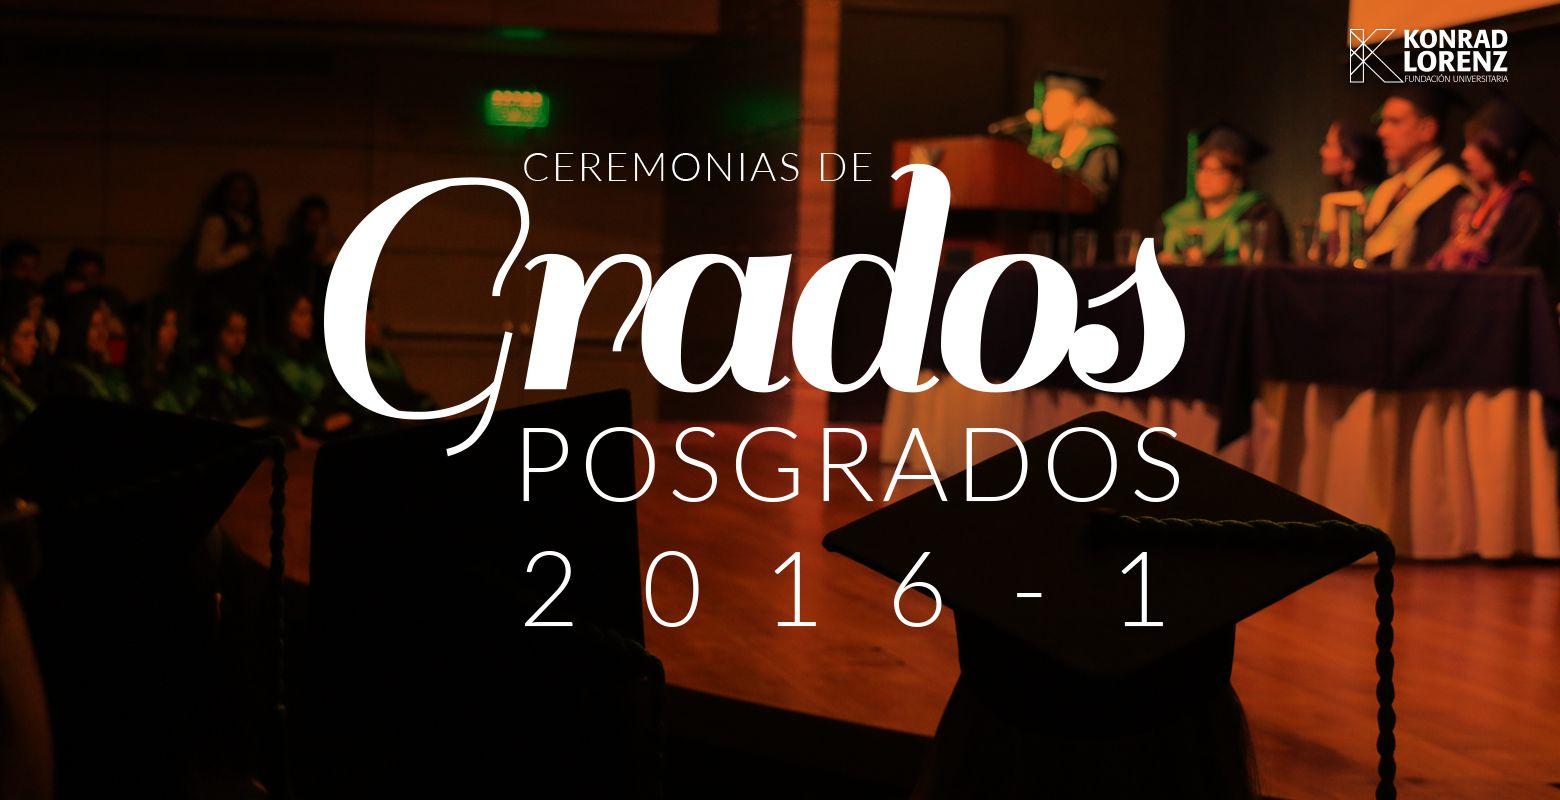 2016_09_16_ceremonia_grados_posgrados-compressor